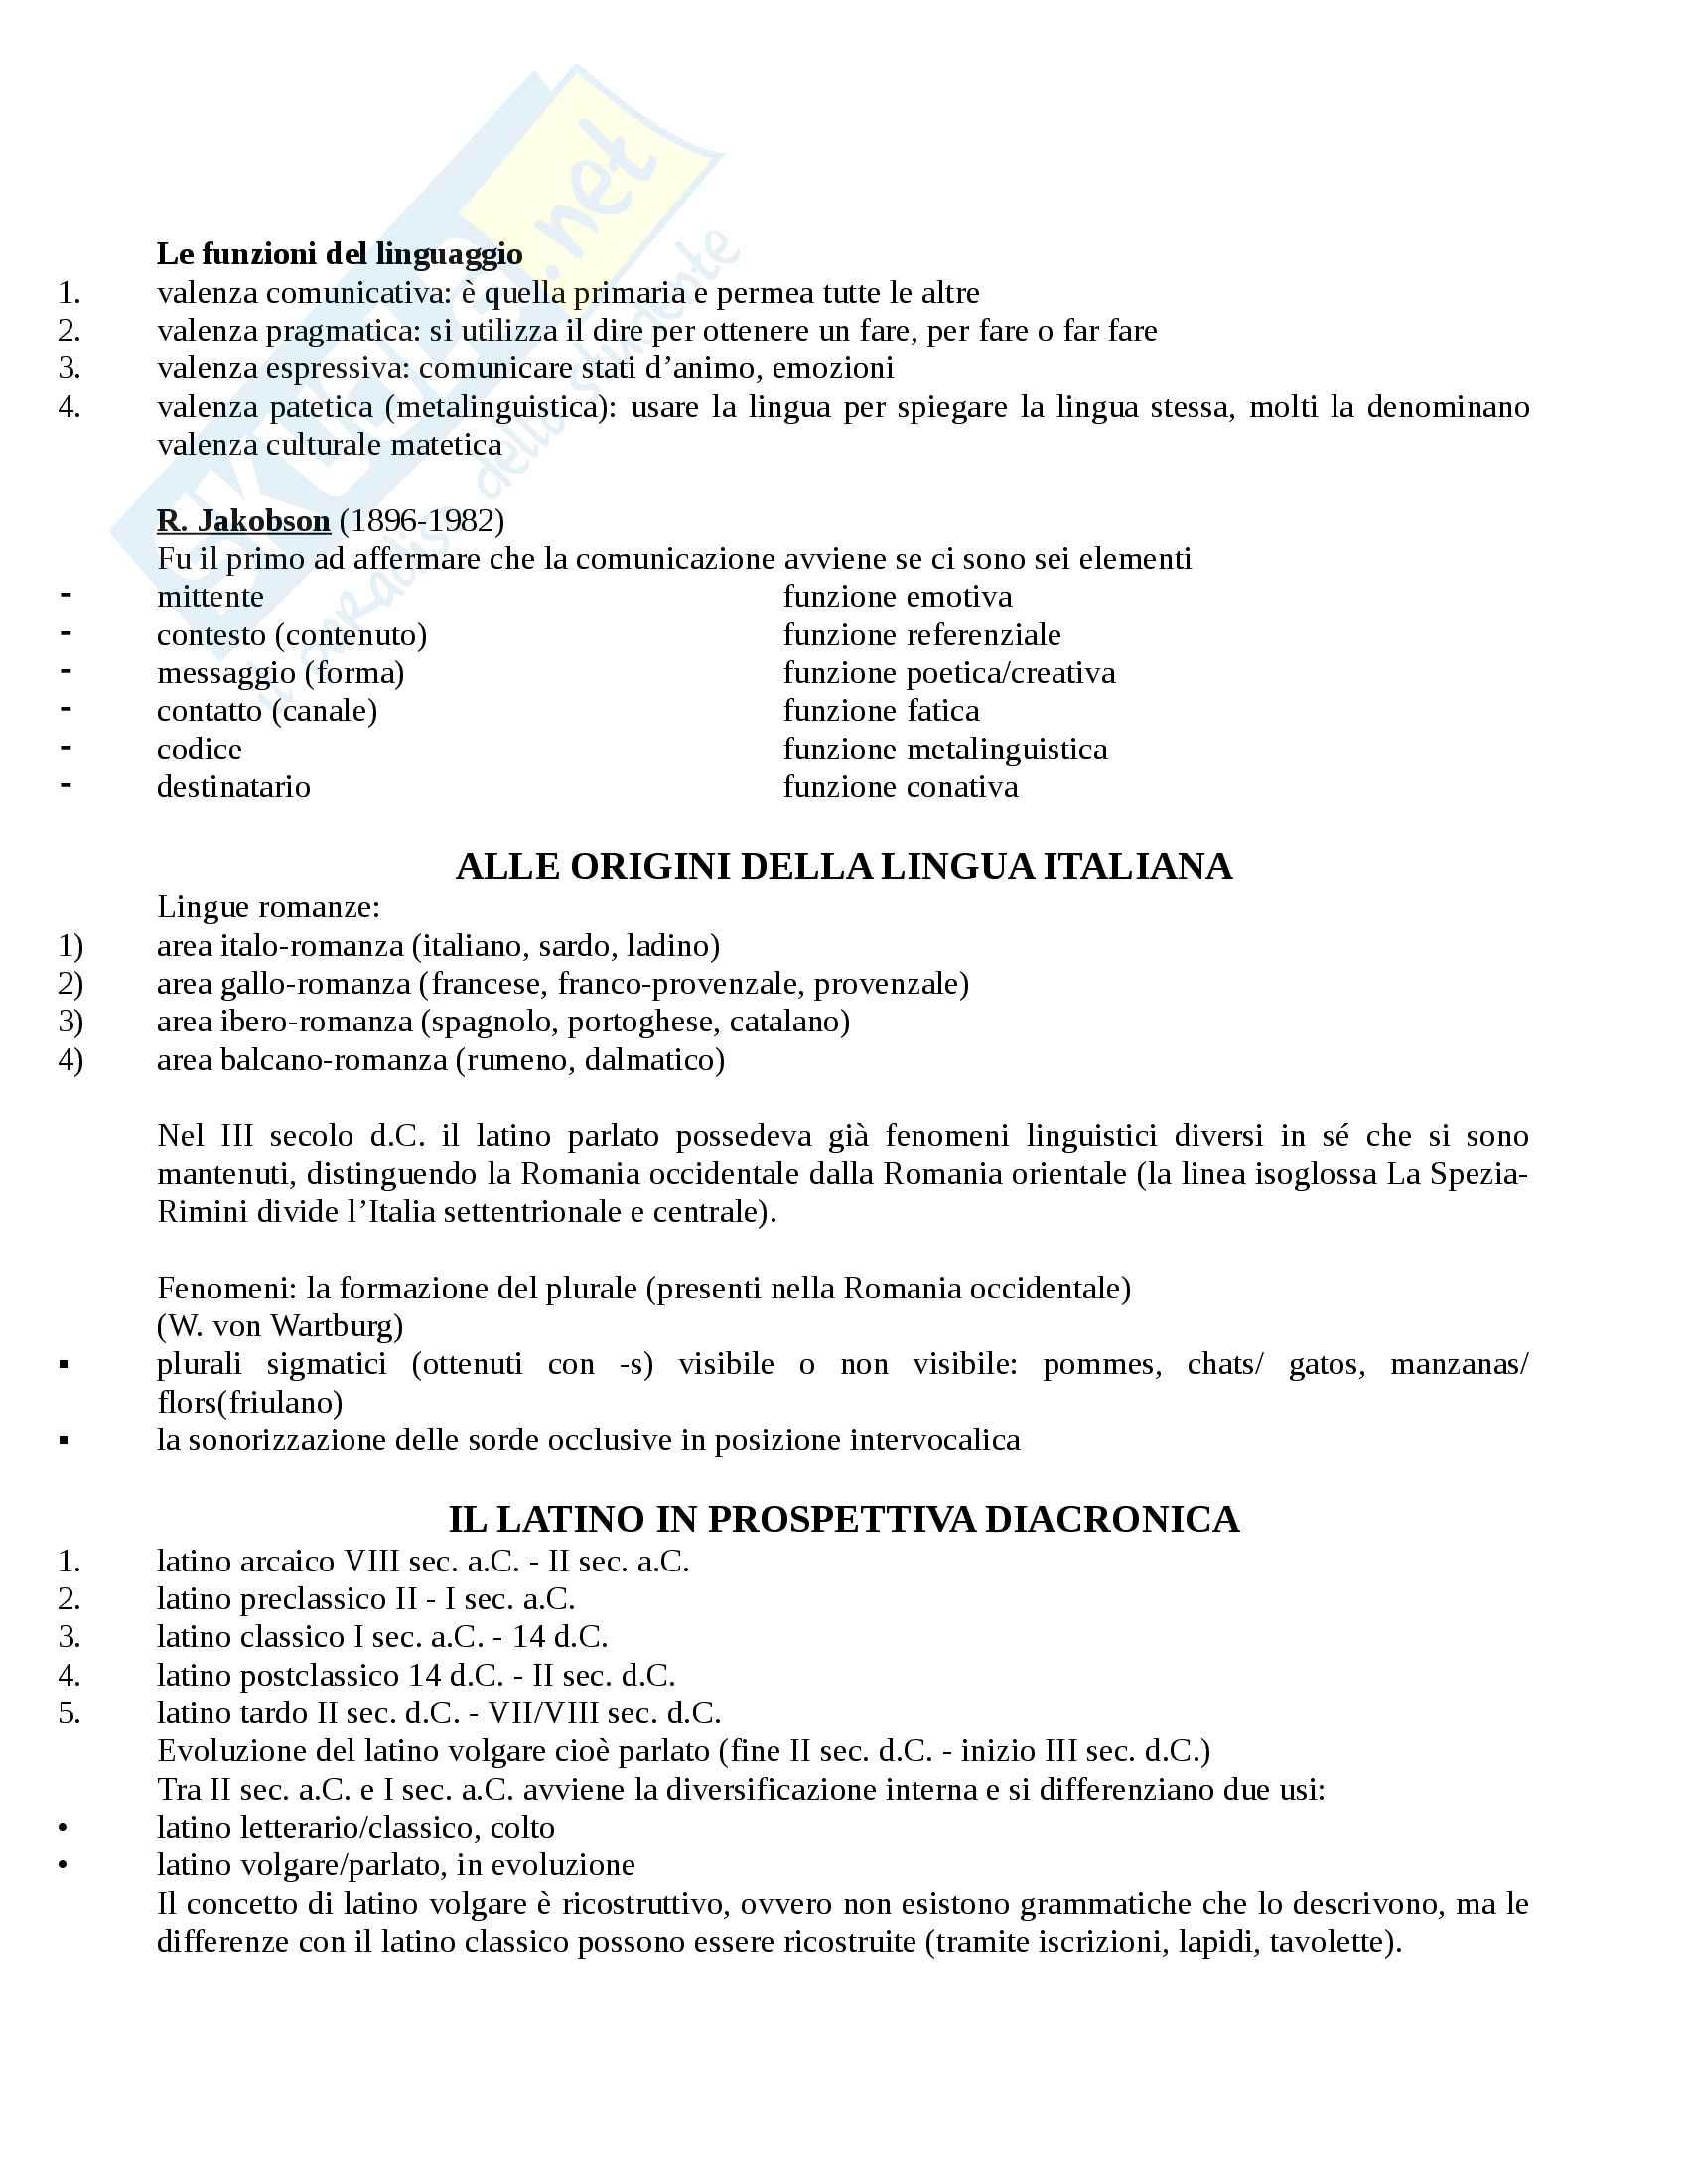 Appunti completi Linguistica Italiana - Prof. Cacia Pag. 2